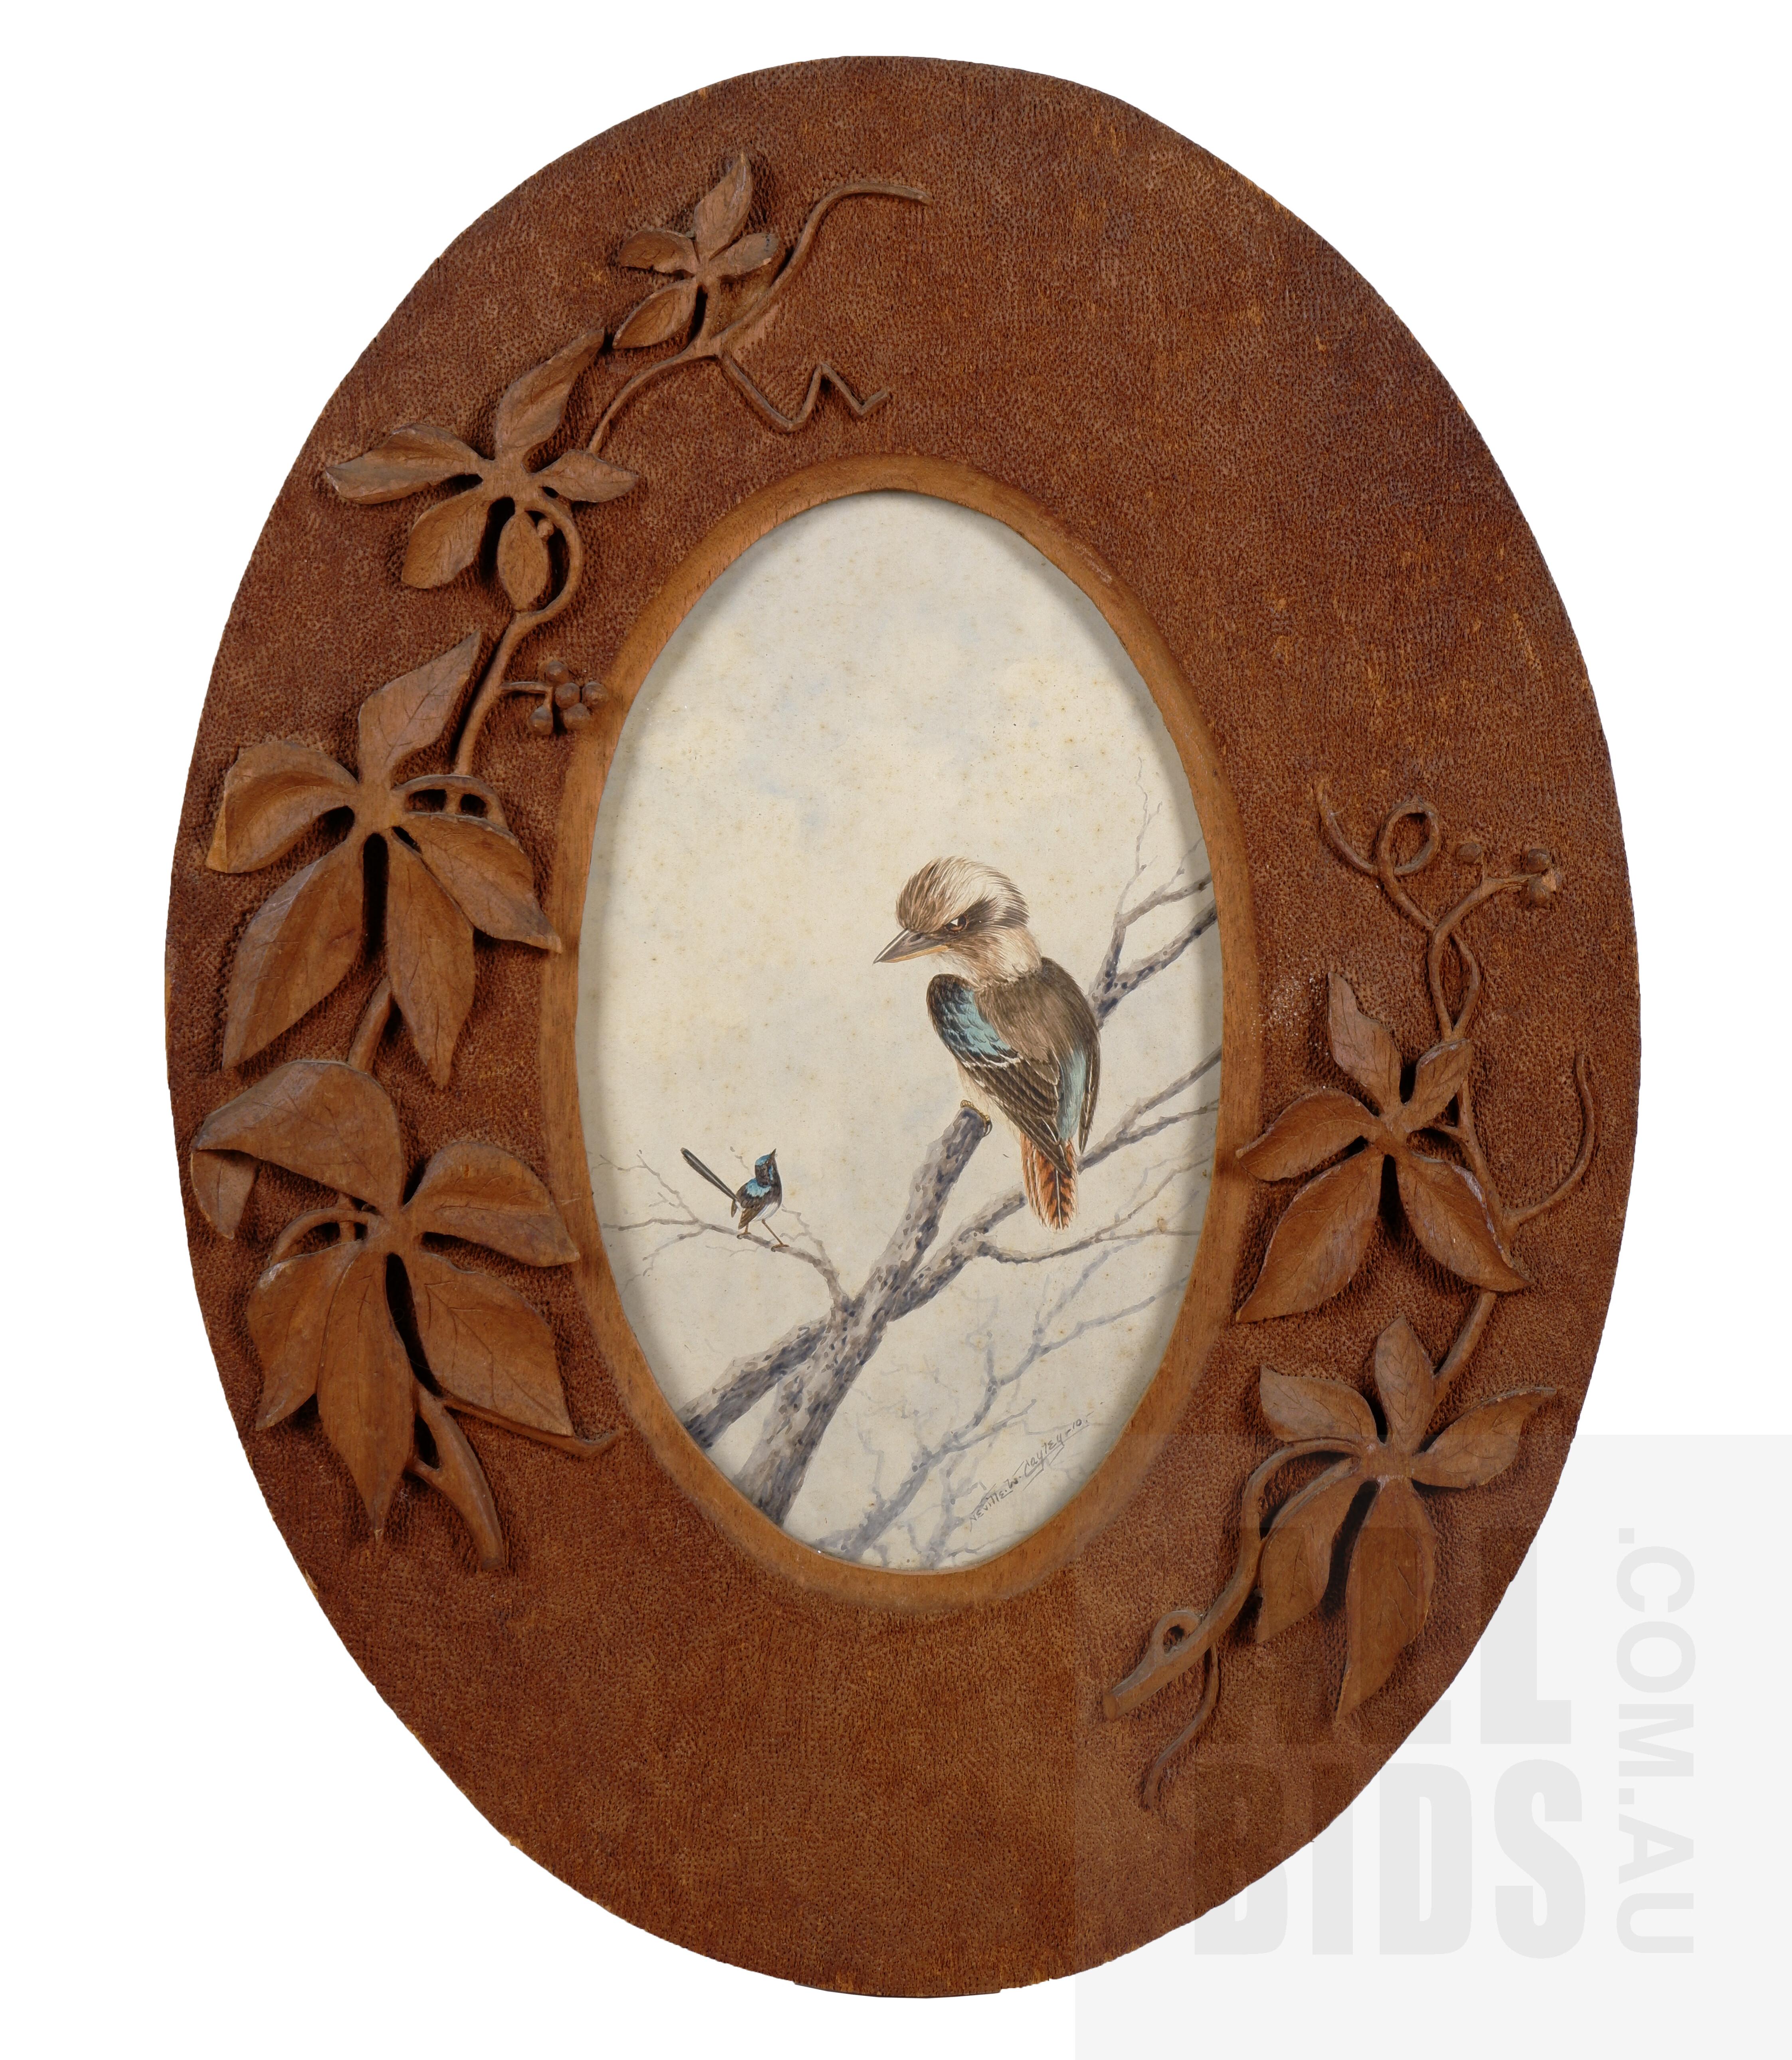 'Neville Cayley (1886-1950), Kookaburra & Wren 1910, Watercolour, 26 x 15 cm (rondo)'